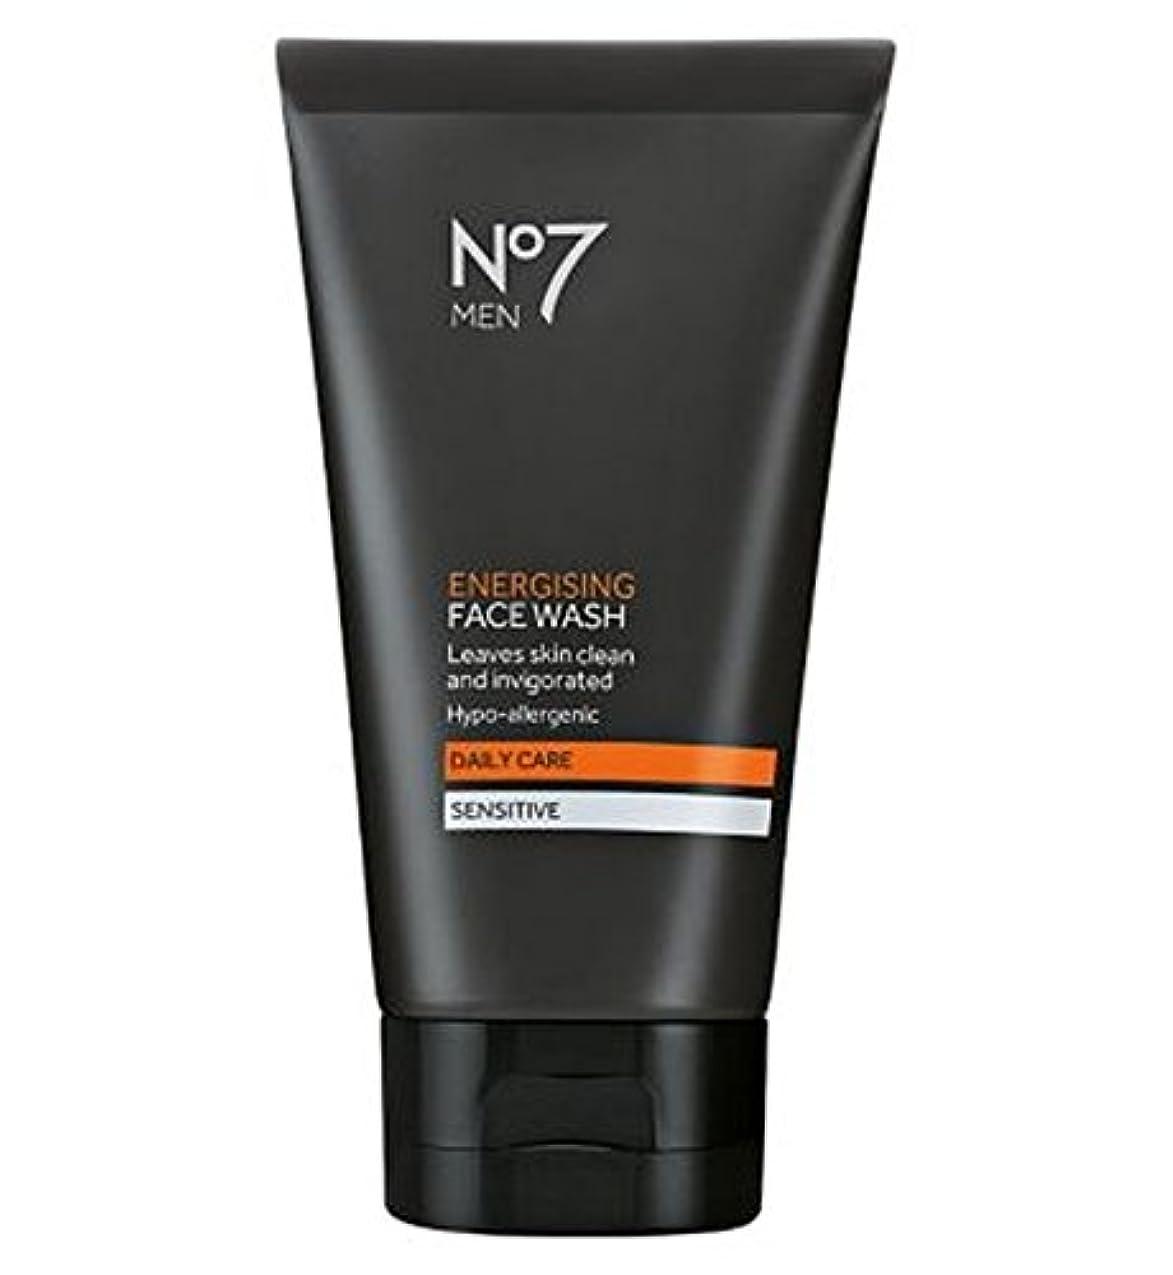 ベアリングディスクゼロNo7 Men Energising Face Wash 150ml - 洗顔料の150ミリリットルを通電No7の男性 (No7) [並行輸入品]